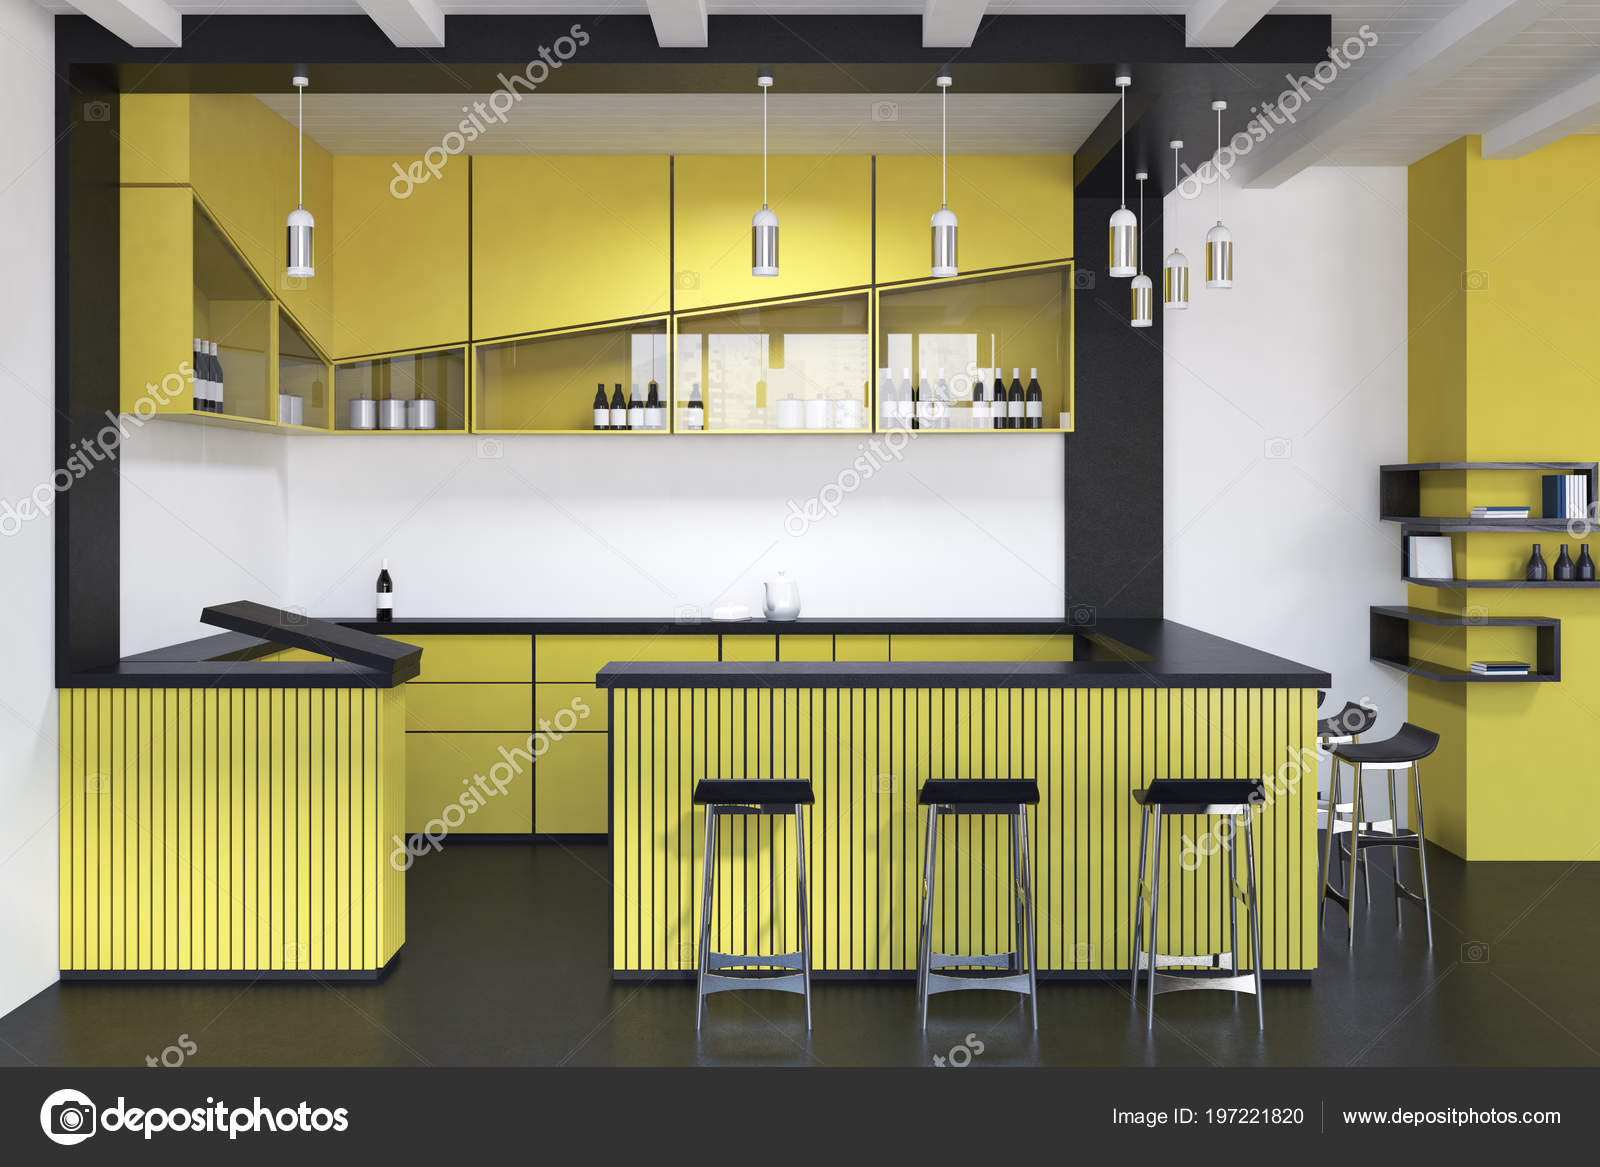 Interiore del pub moderno giallo con bar una fila sgabelli u foto